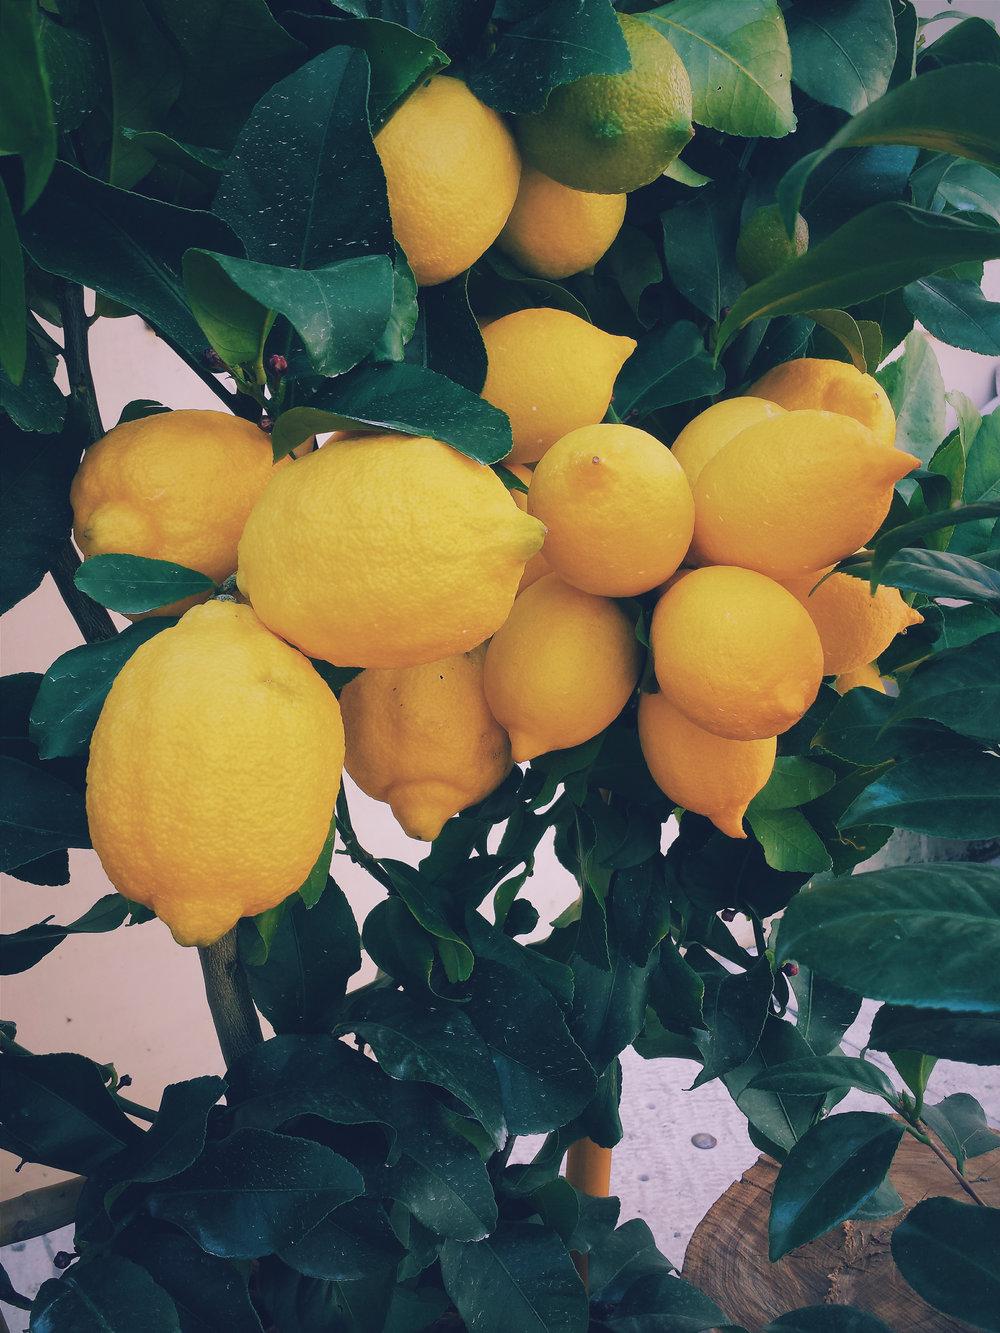 jade lemonade - catchy, isn't it?